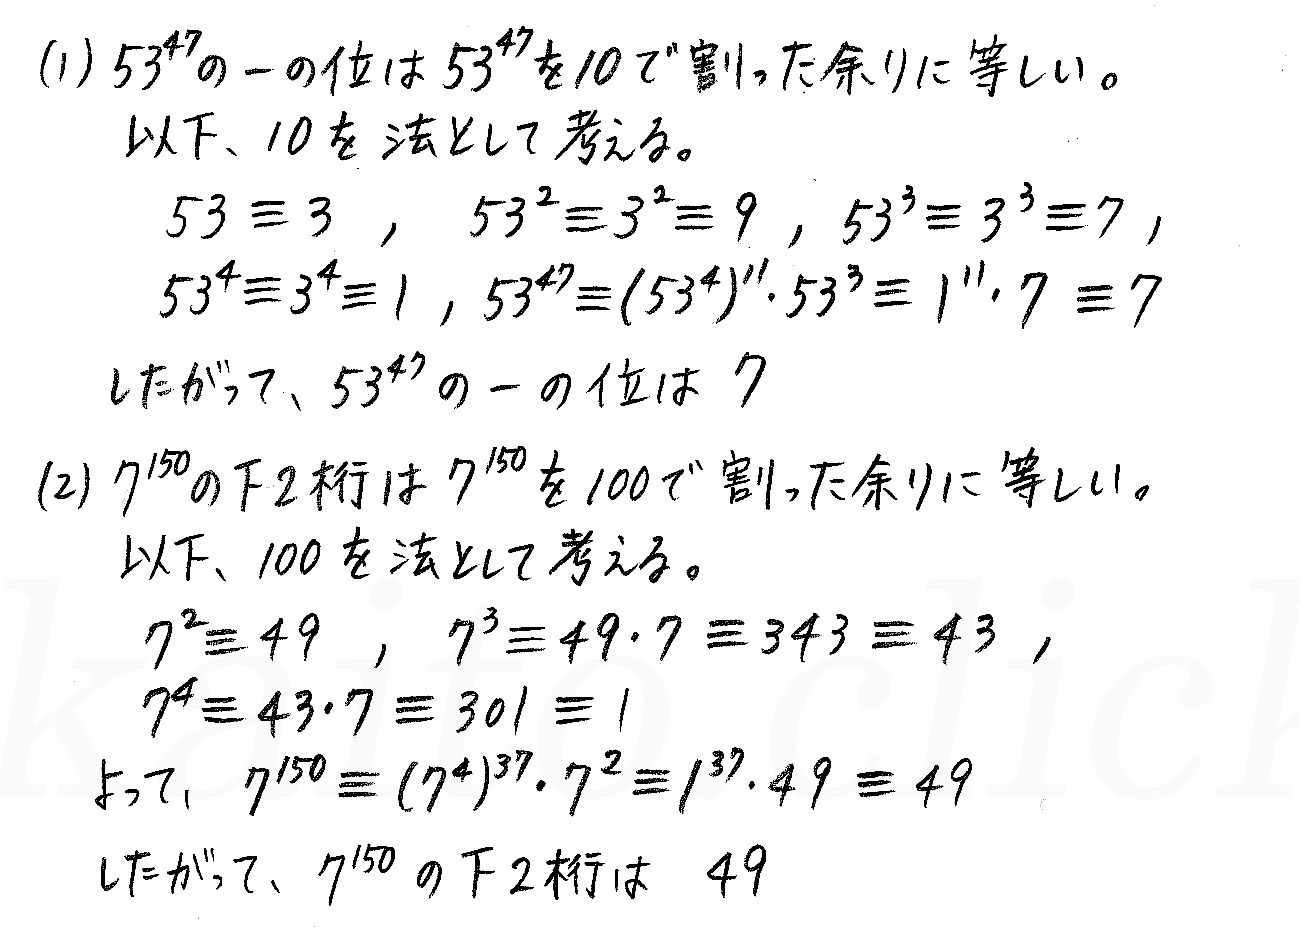 クリアー数学A-270解答